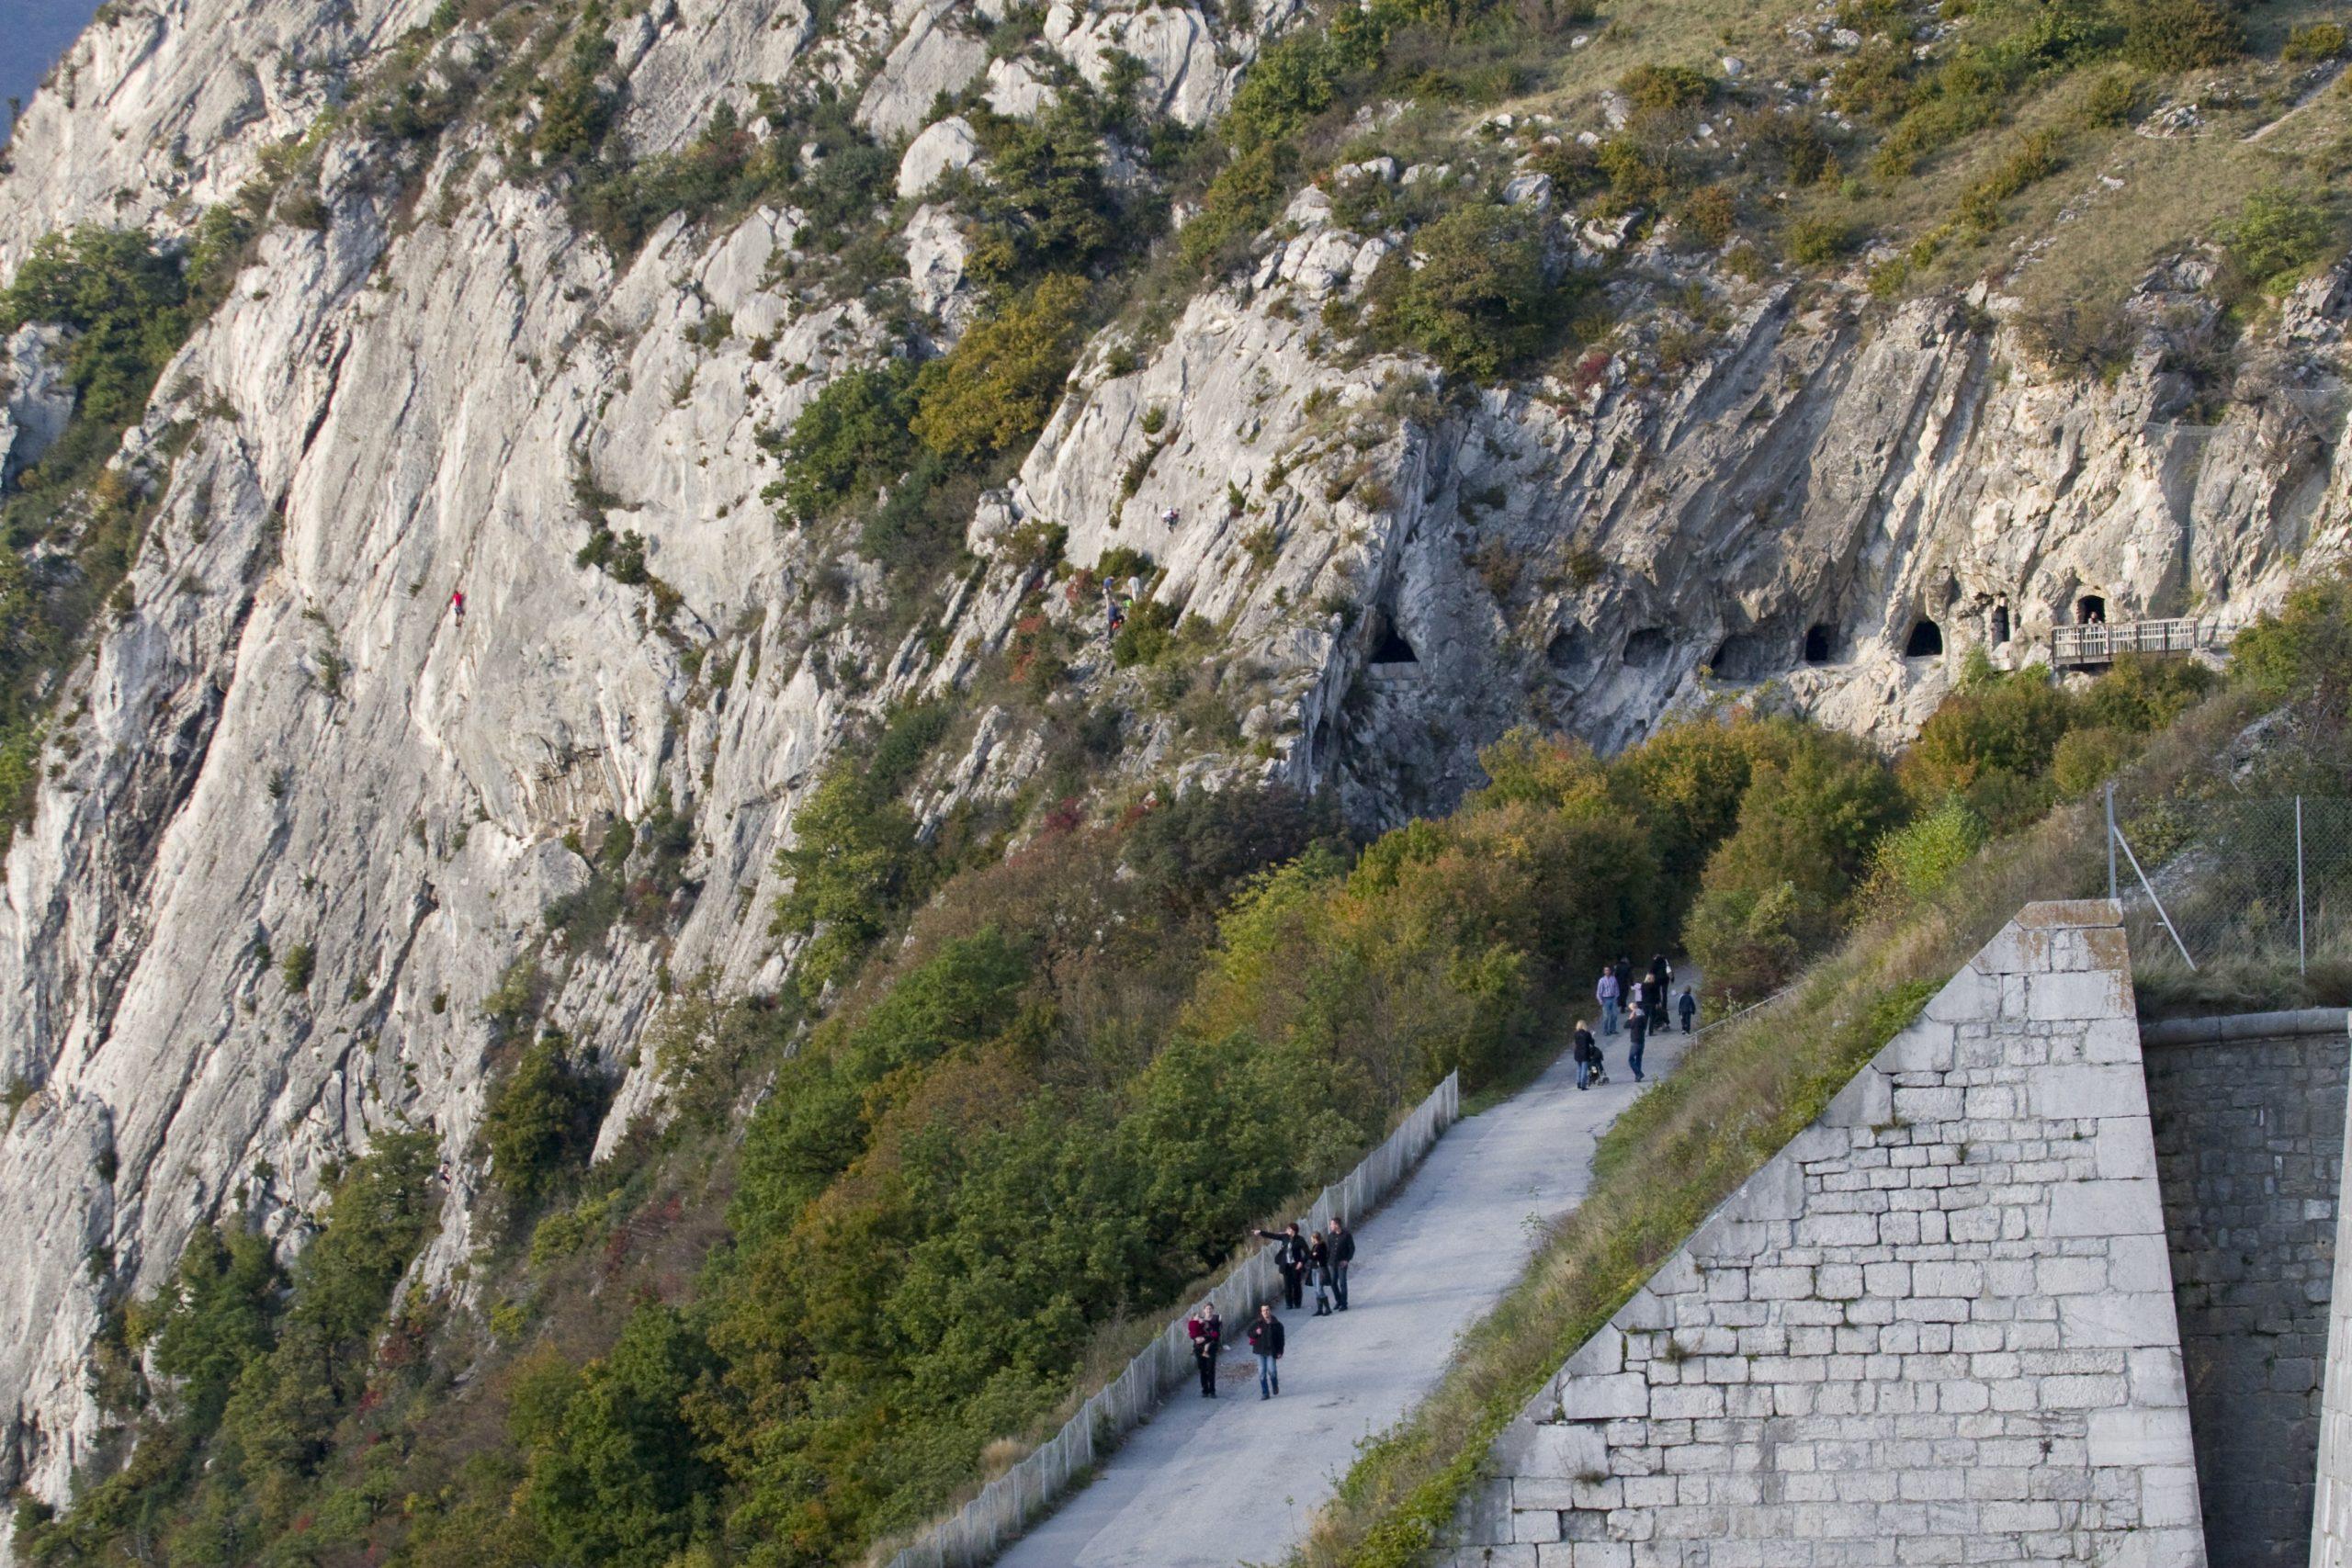 Sentiers parcours sportifs téléphérique Grenoble Bastille